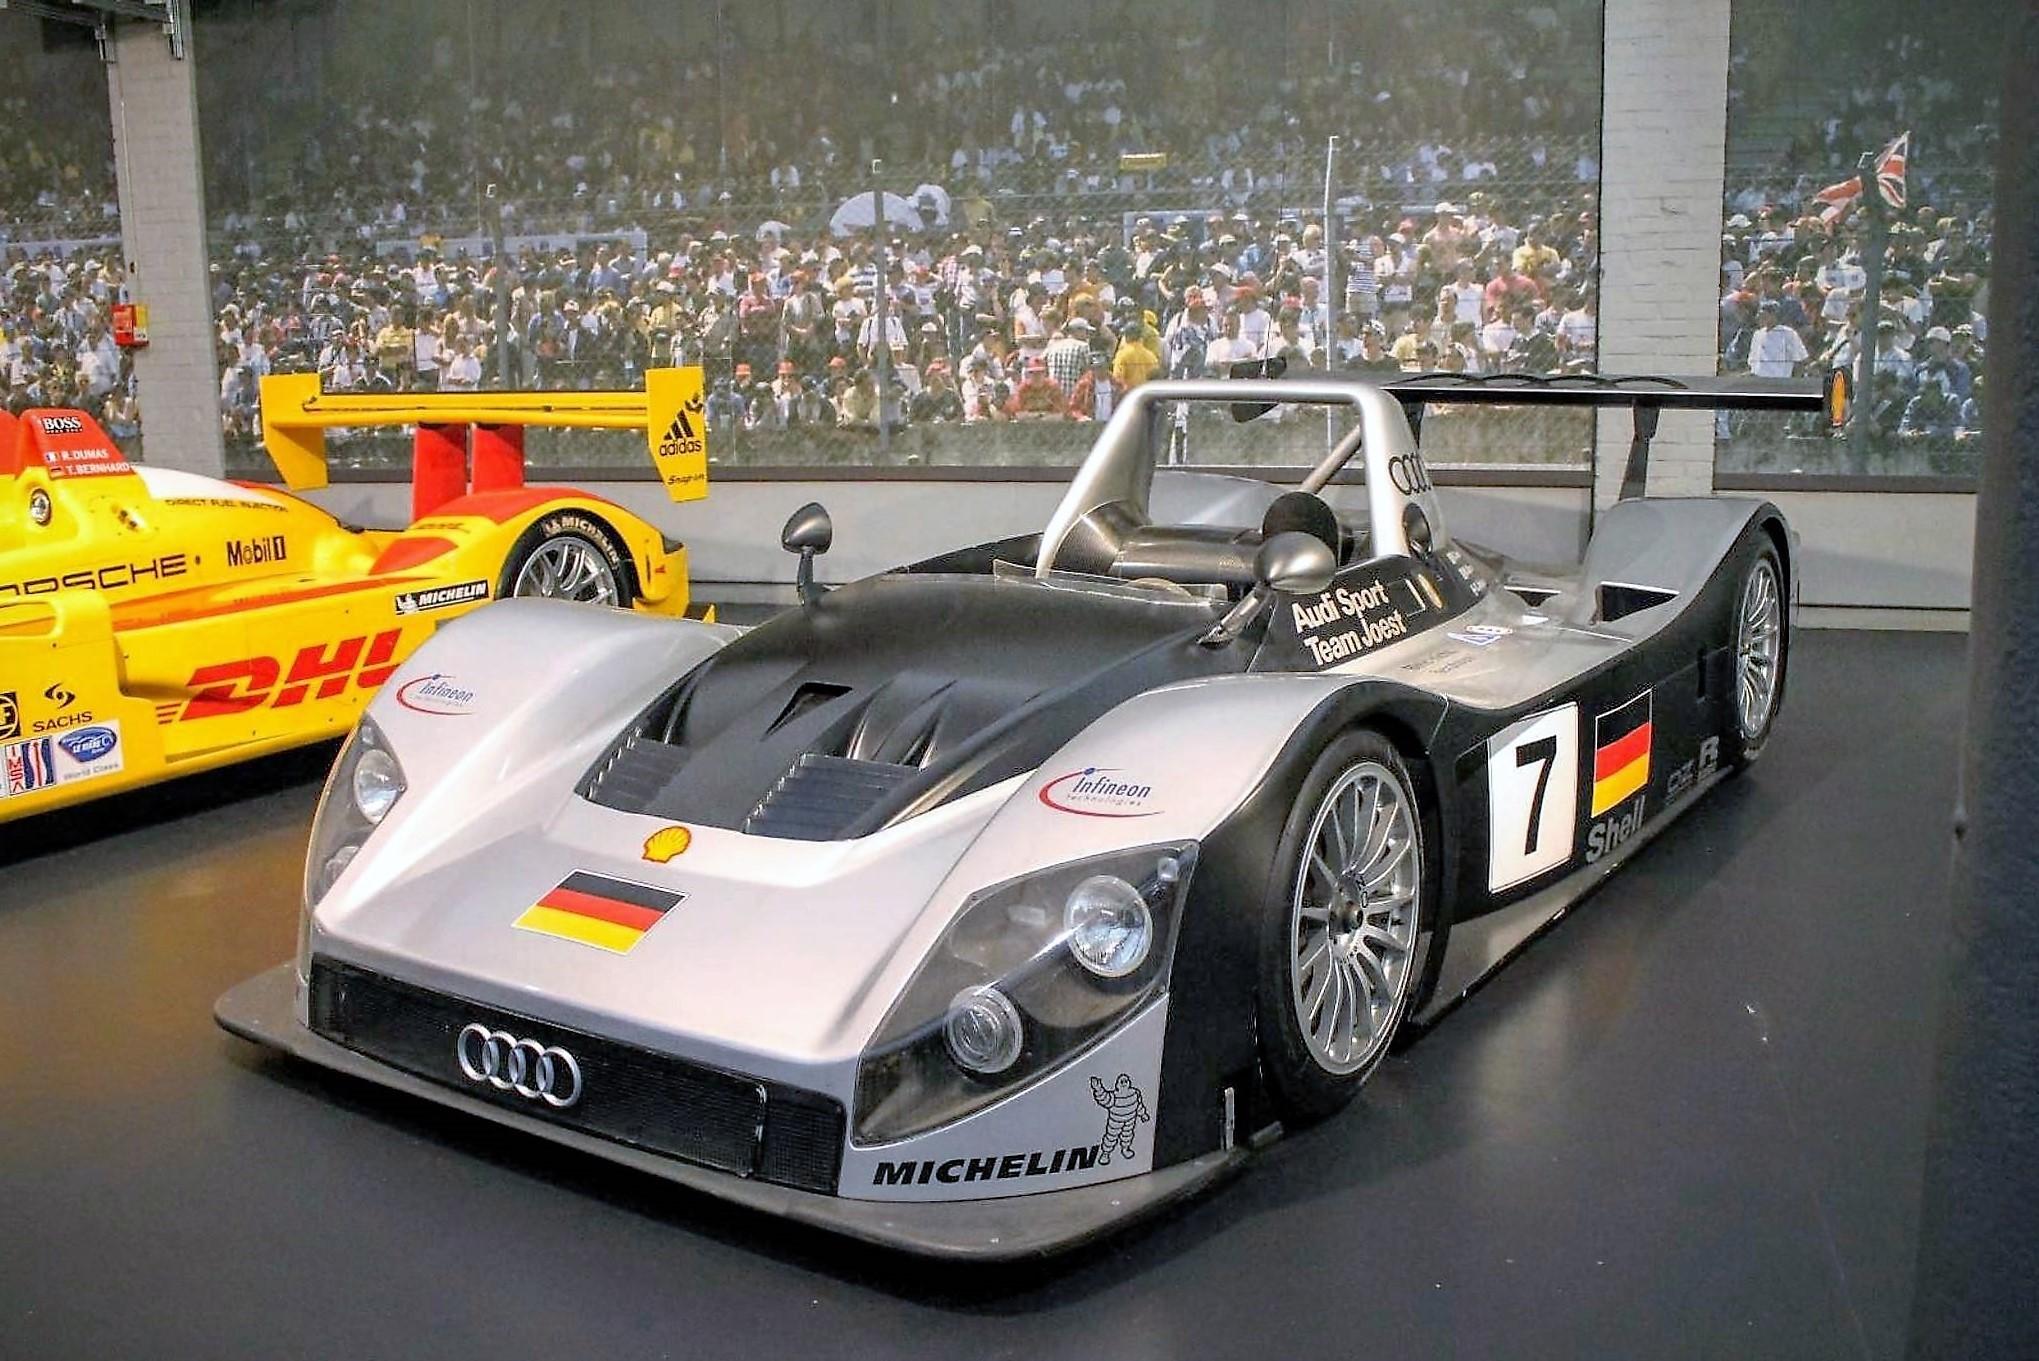 1999 Audi R8 Roadster Dallara 307